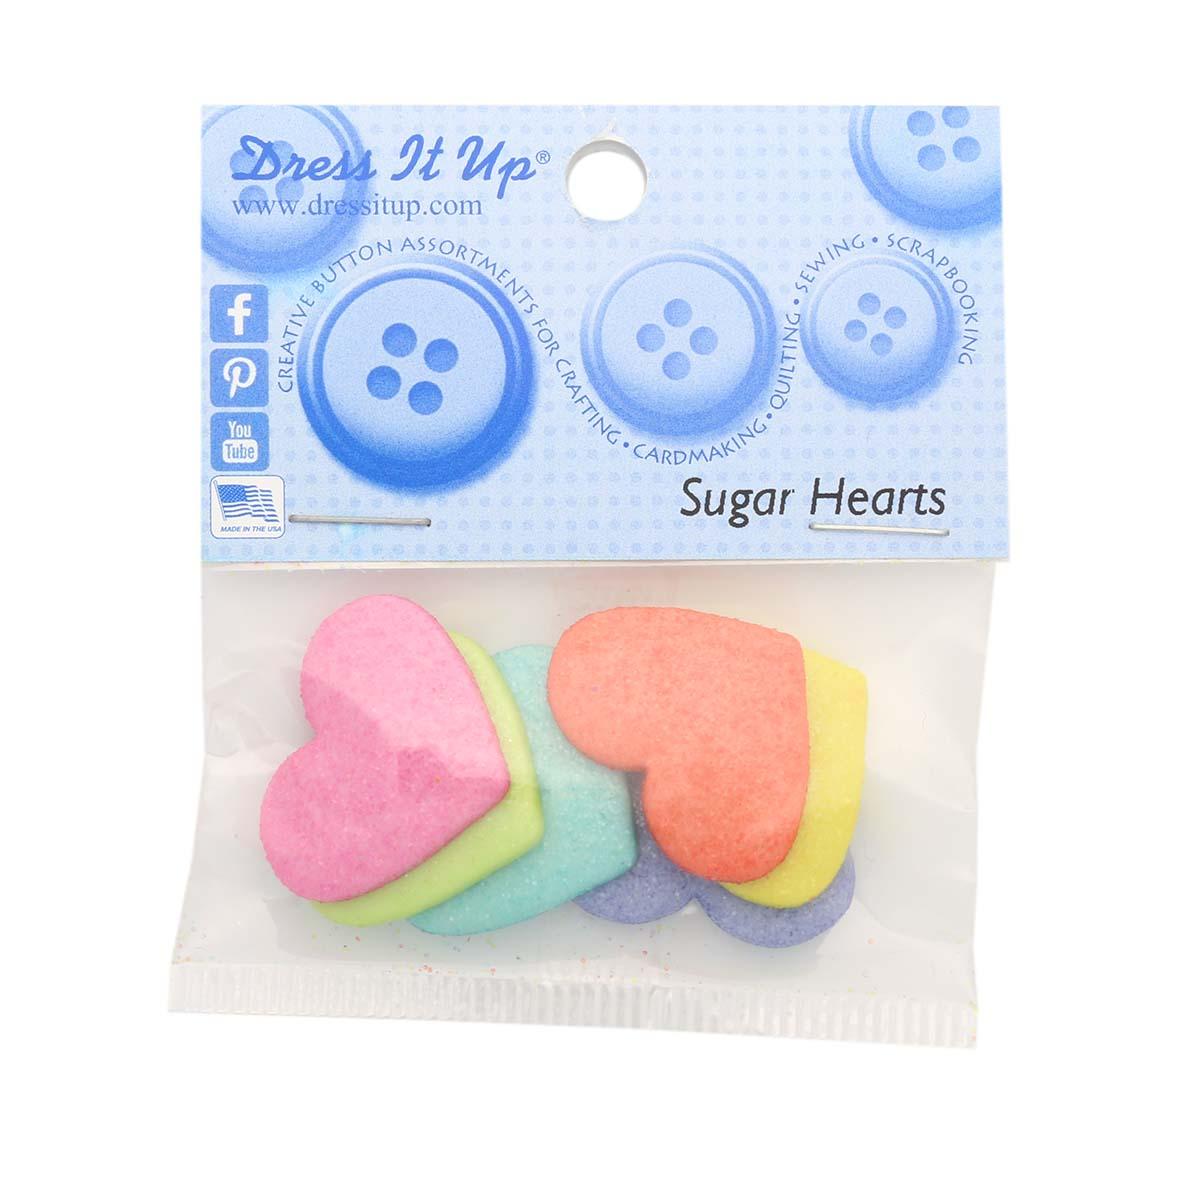 8992, Пуговицы-фигурки. Сахарные сердца Dress It